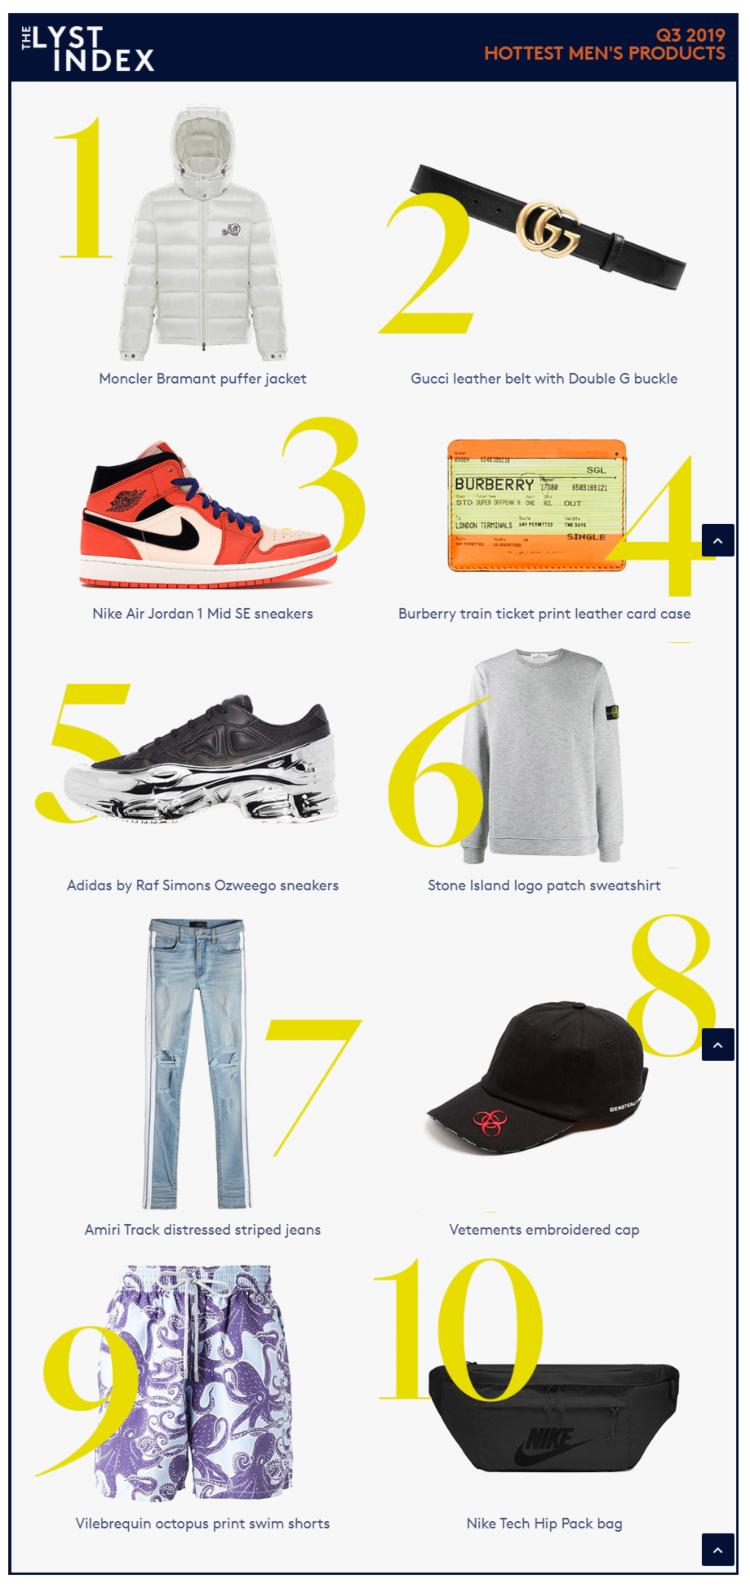 hottest men product thương hiệu thời trang trang elleman 1119 Lyst